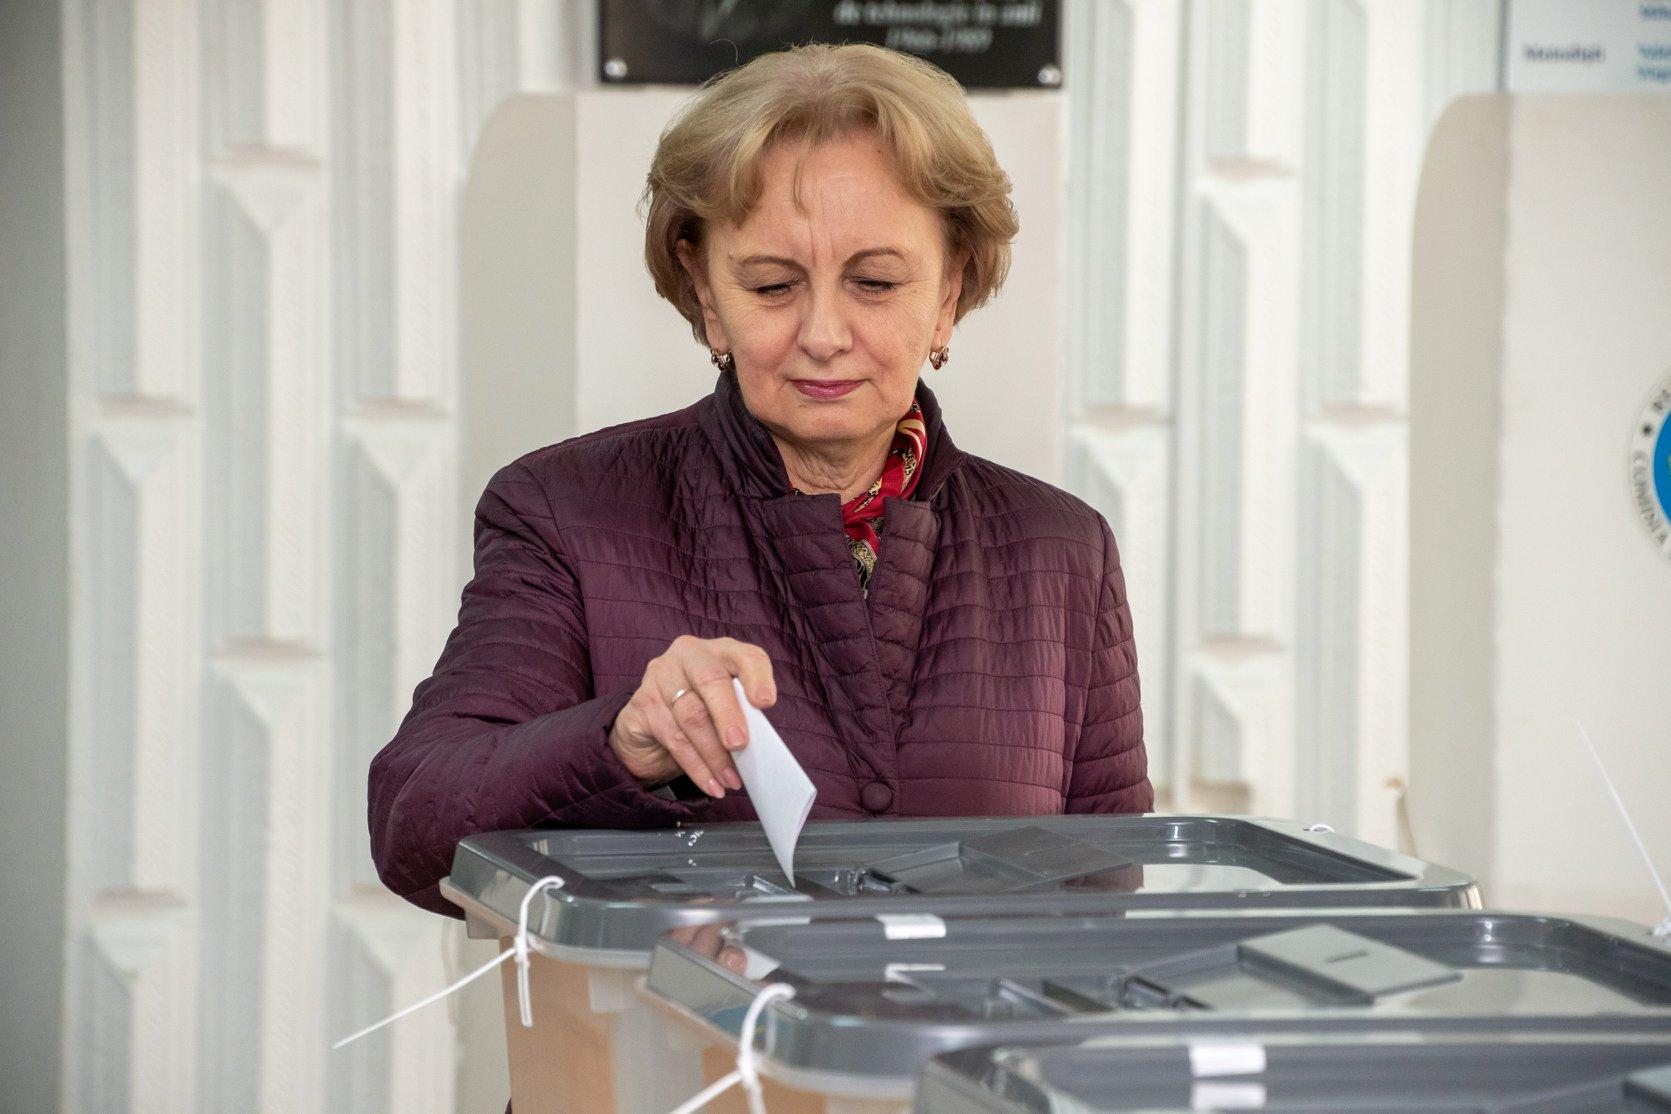 Гречаный: Призываю всех кишиневцев прийти на выборы и проголосовать за настоящего хозяина! (ВИДЕО)